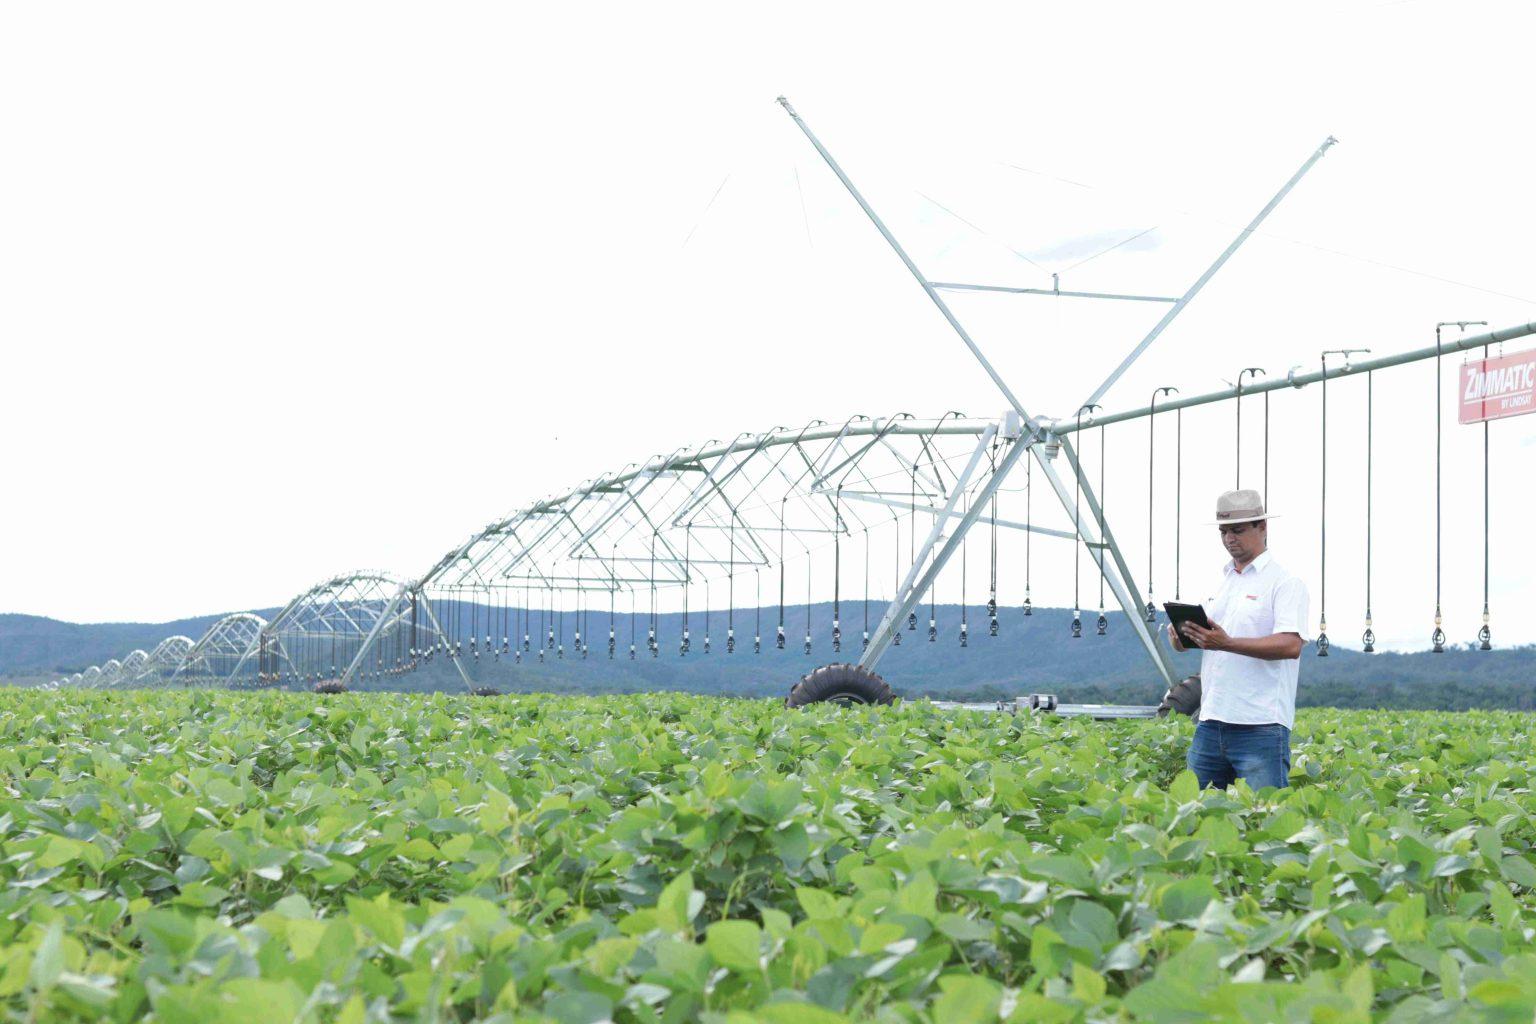 irrigacao-pivo-central-pivot-no-brasil-minas-gerais-1-1536x1024